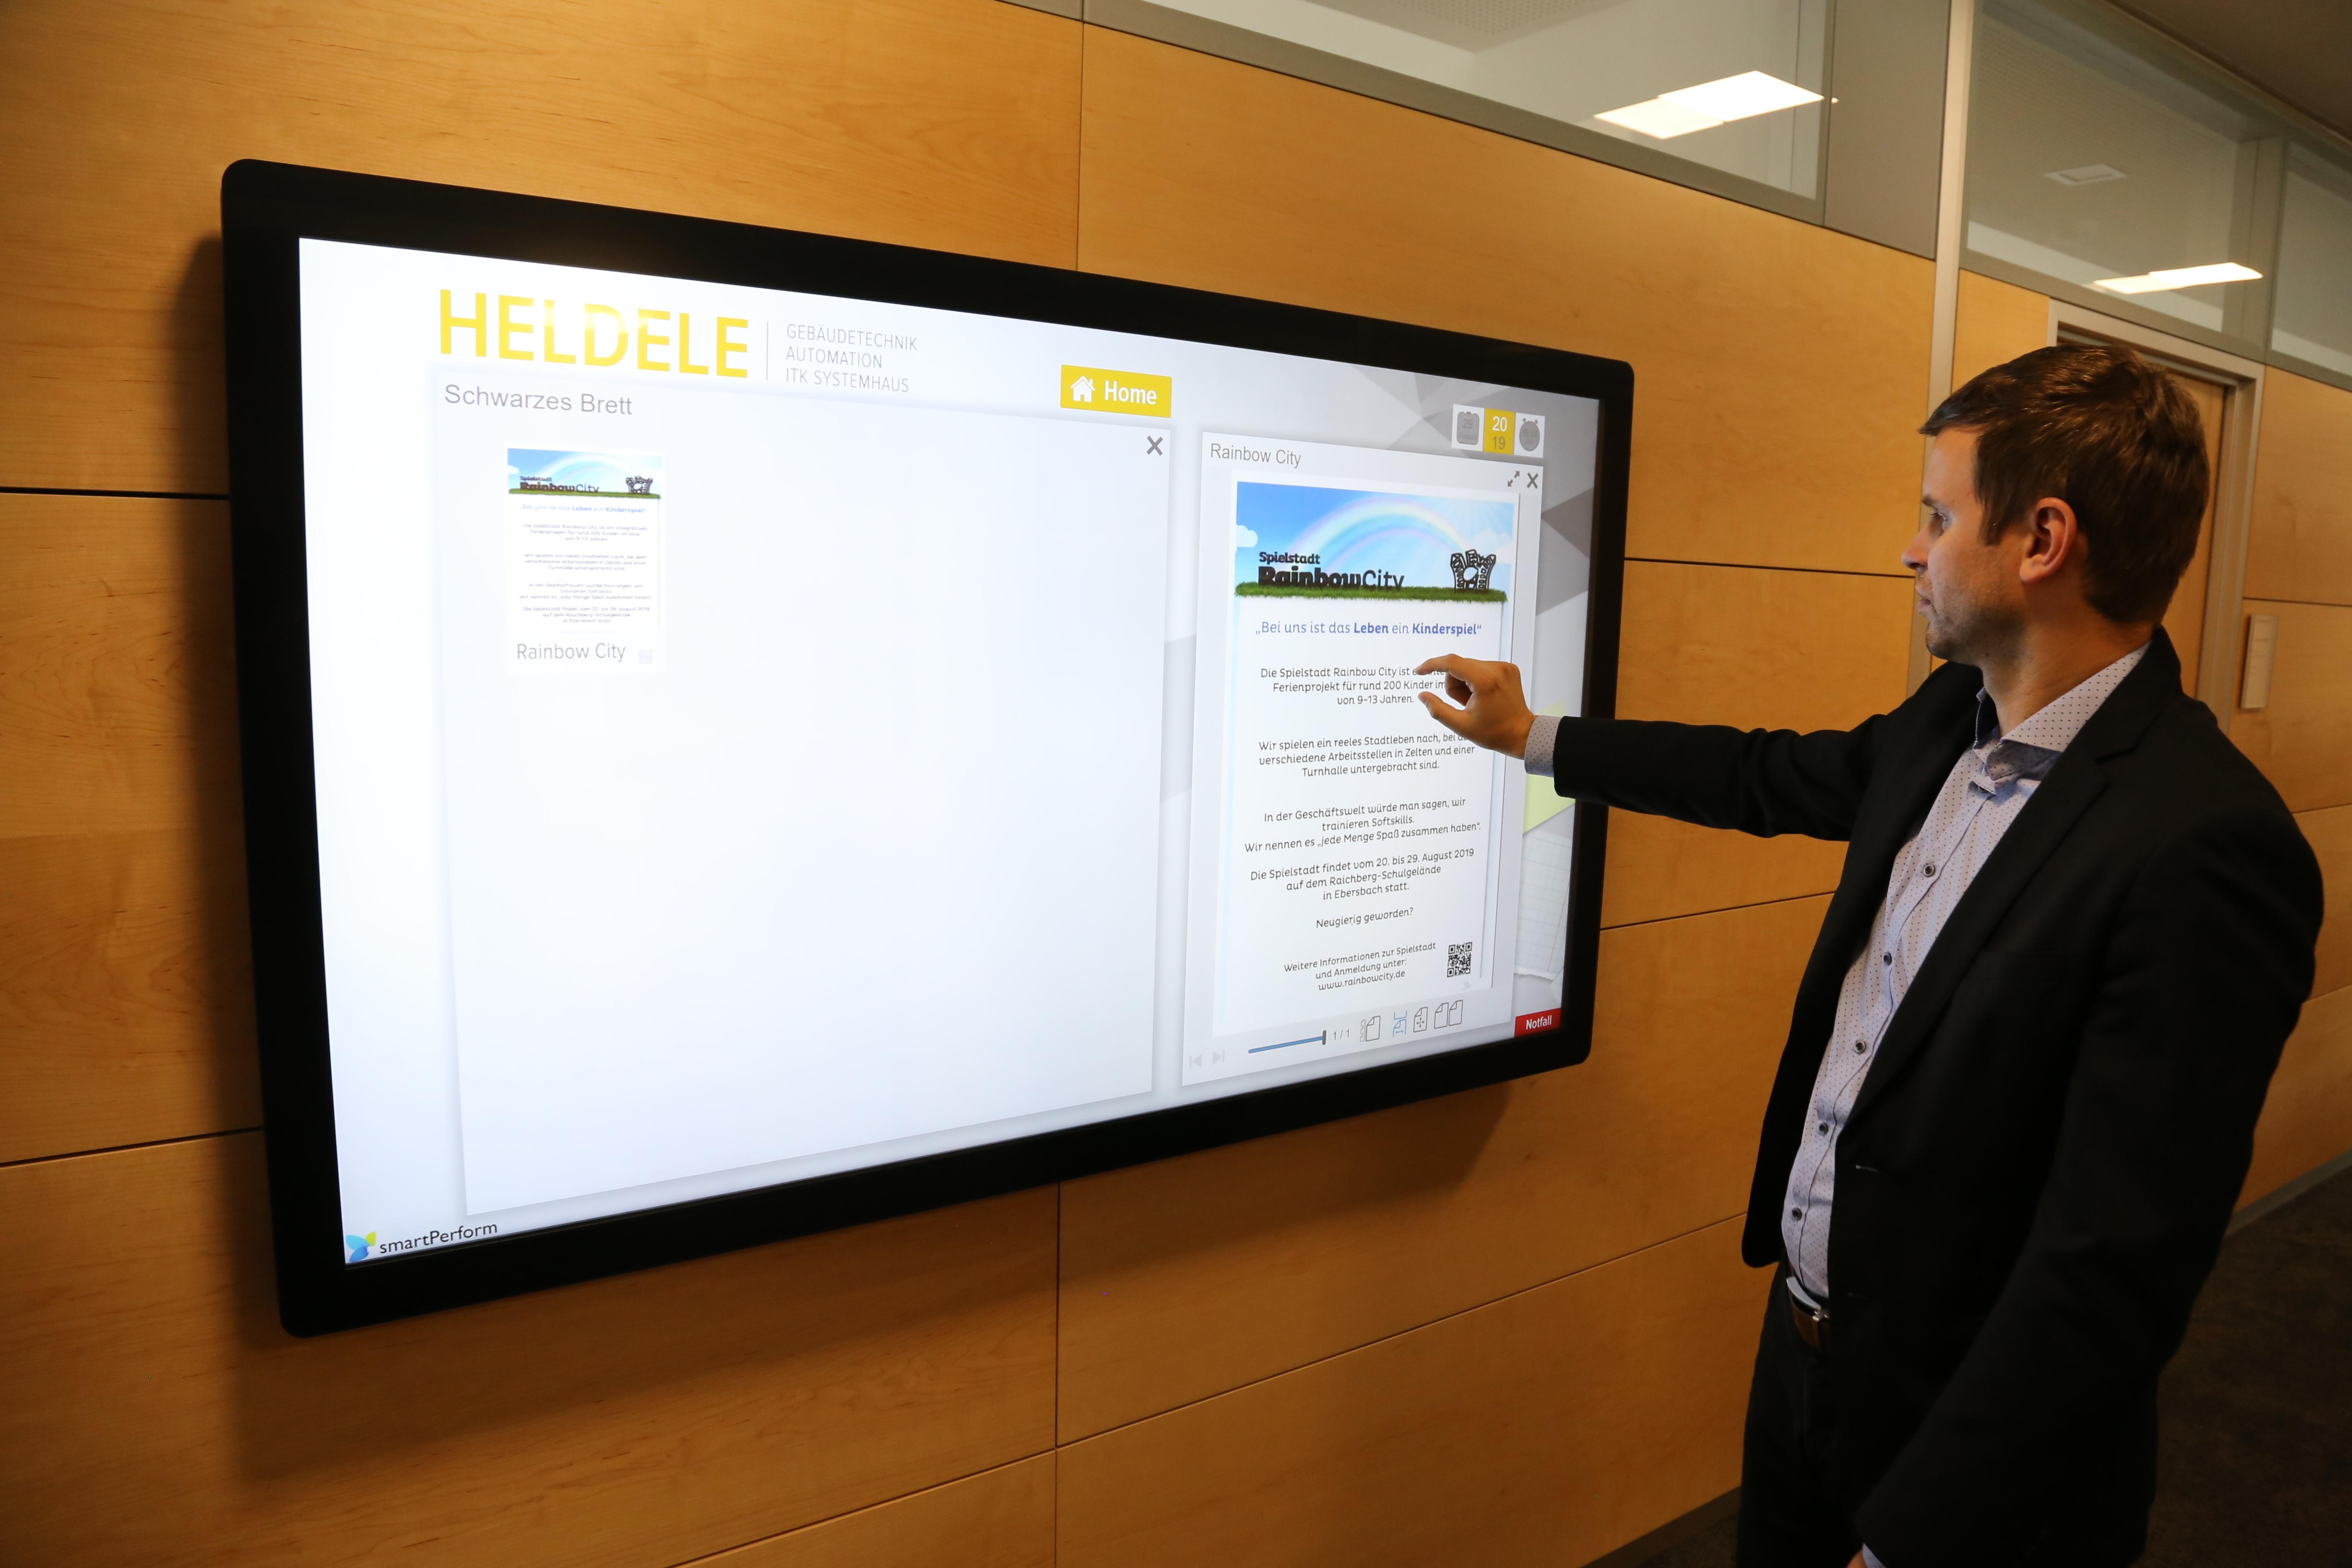 Im Eingangsbereich lädt eine Sitzecke zum Verweilen ein. Ein beeindruckender Großbildschirm in Form einer interaktiven Multi-Touch Powerwall inszeniert dort die Marke Schuler und deren Produkte.